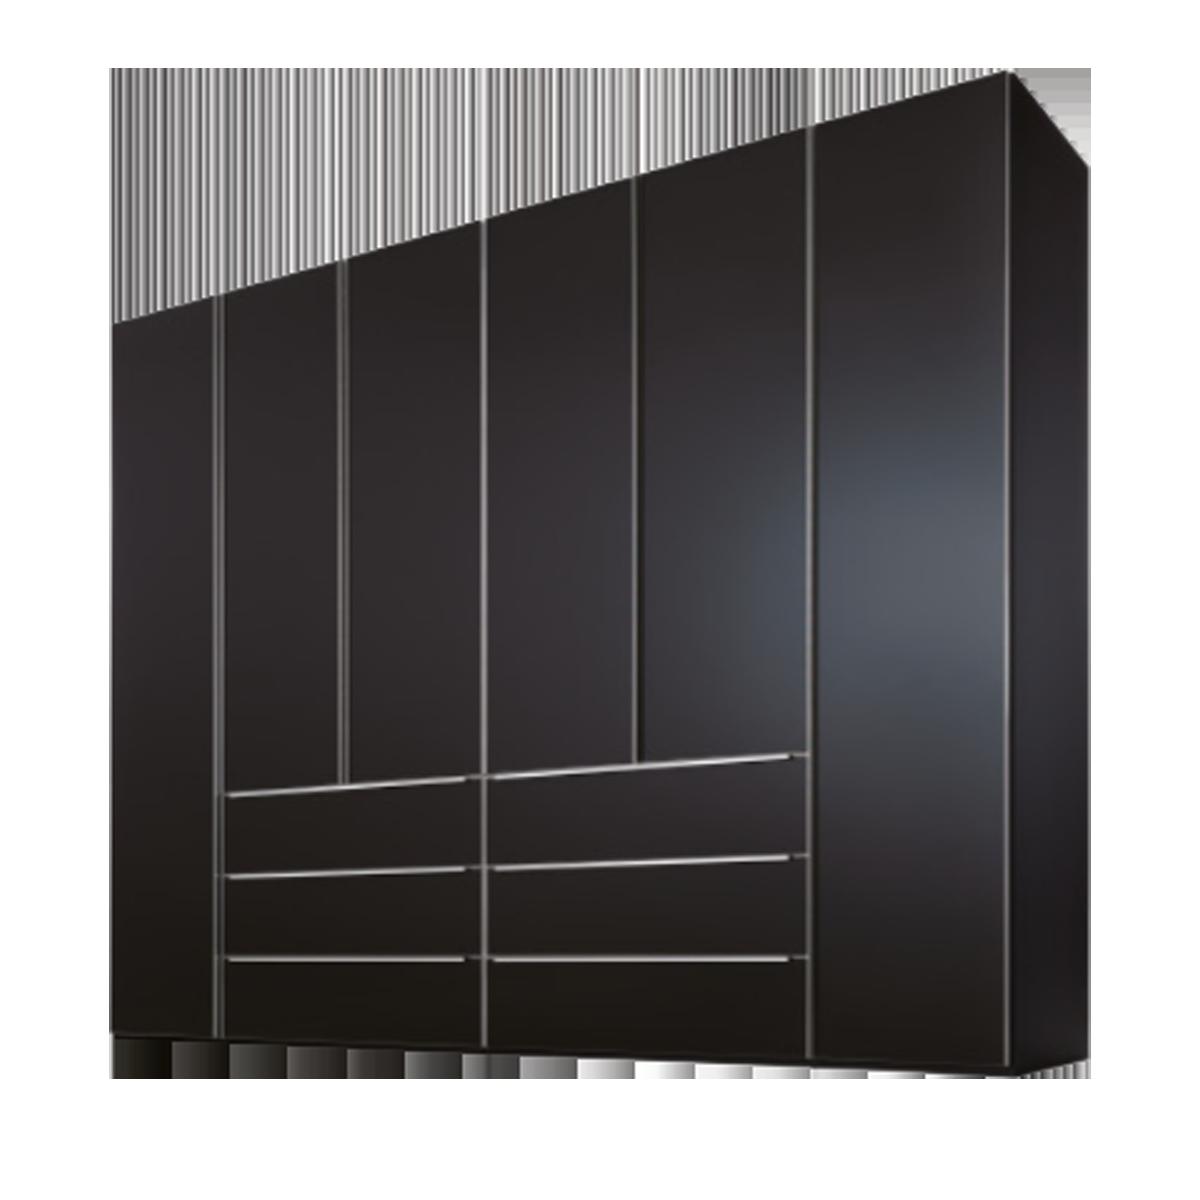 Nolte Möbel Marcato 2.1 Drehtürenschrank 6-türig mit 6 Schubkästen